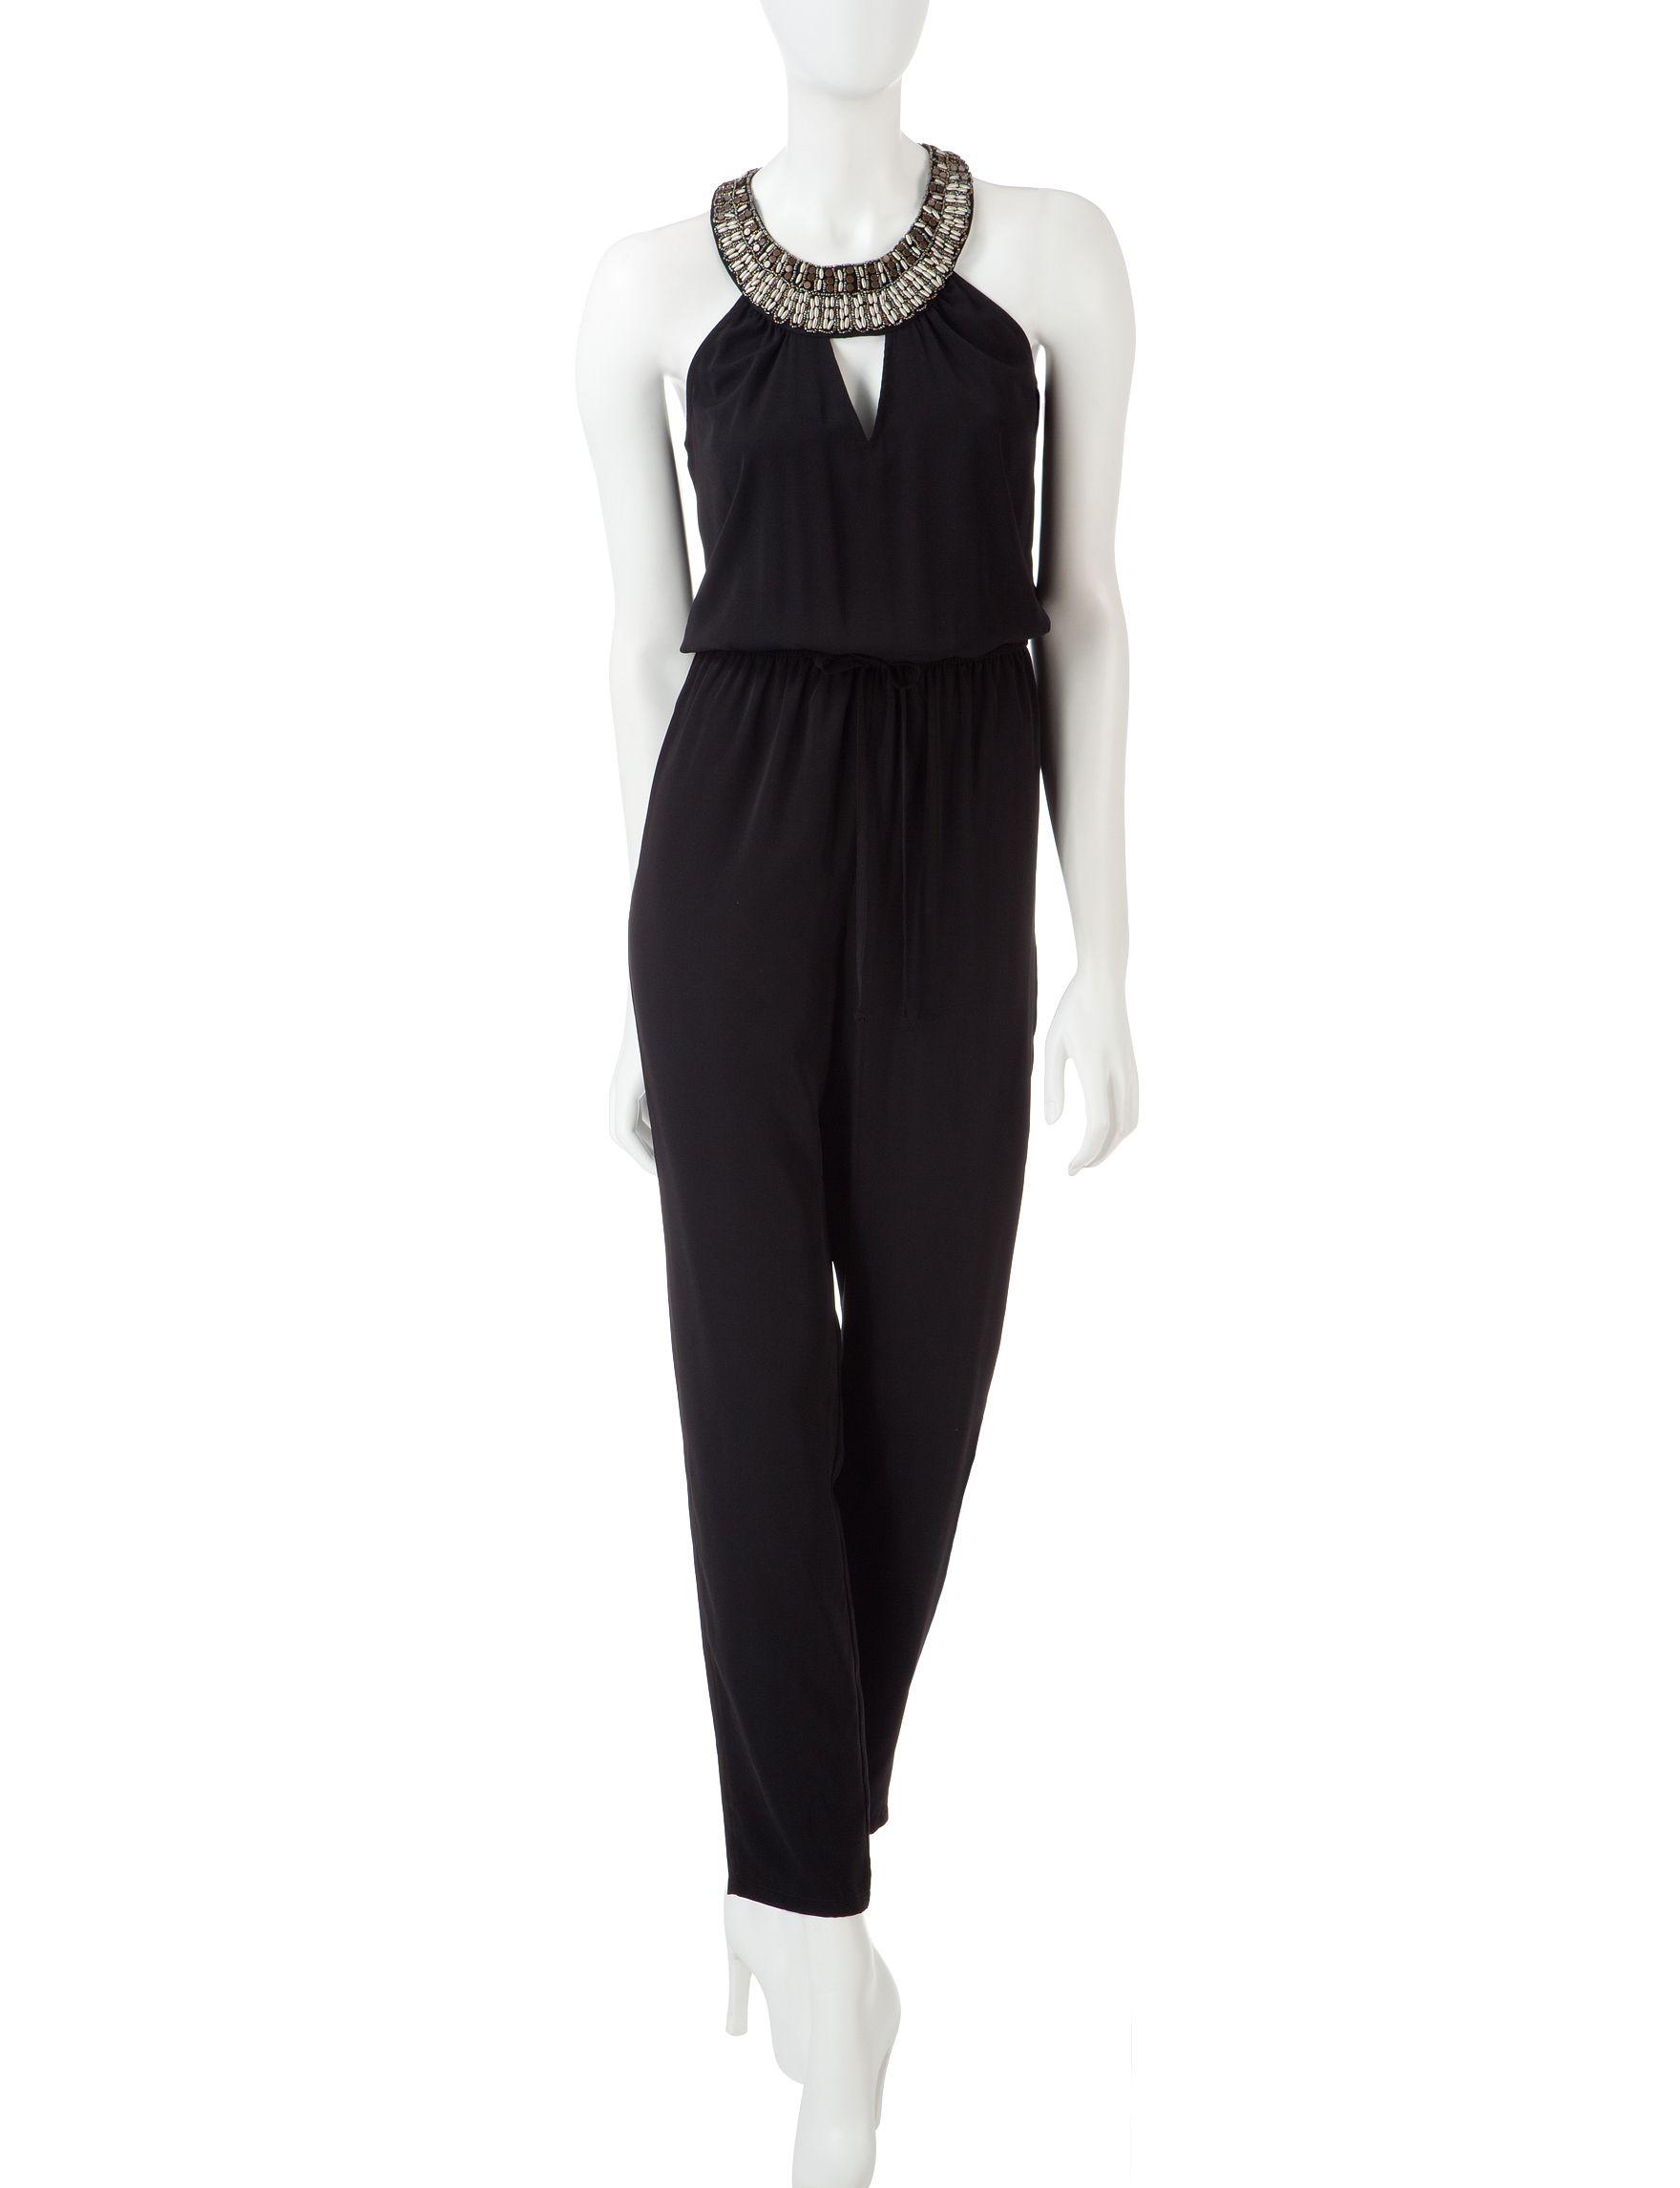 shop today for bebop solid color embellished neckline jumpsuit